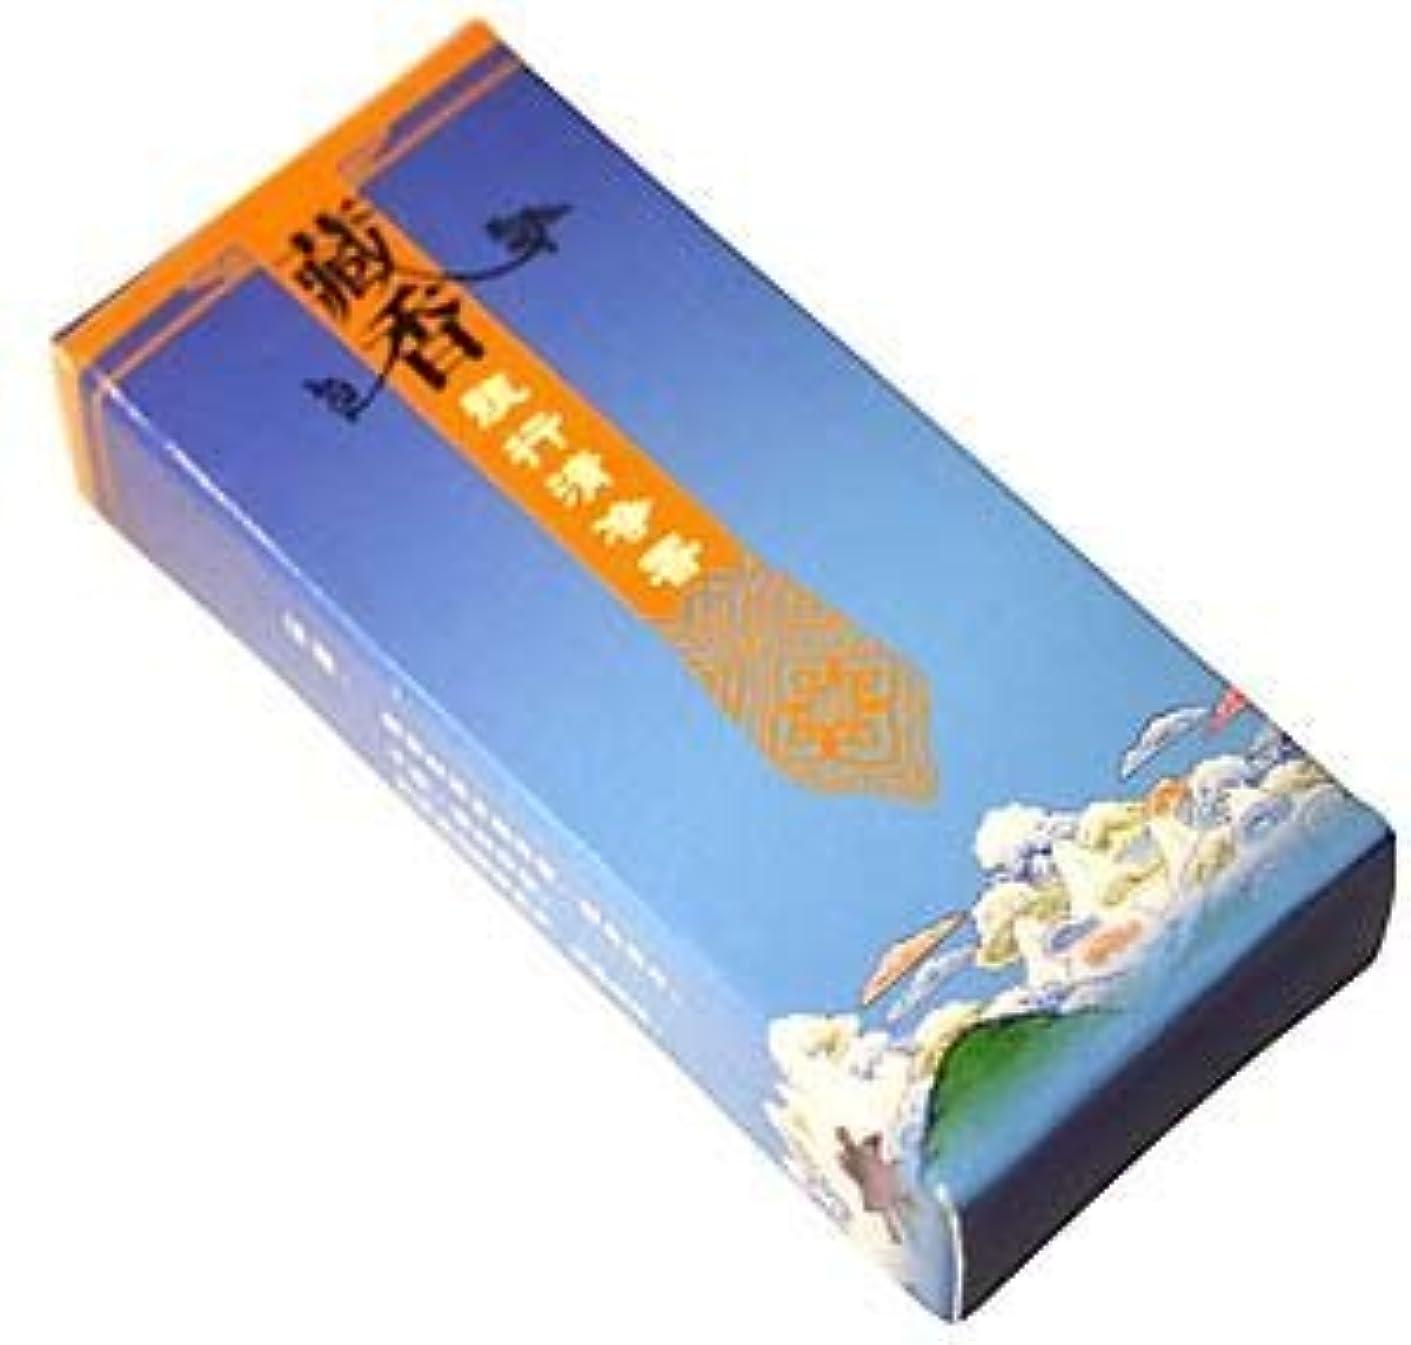 機知に富んだジャンク乳白色ARURA 漢方香【旅行清浄香】青海省蔵医研究所